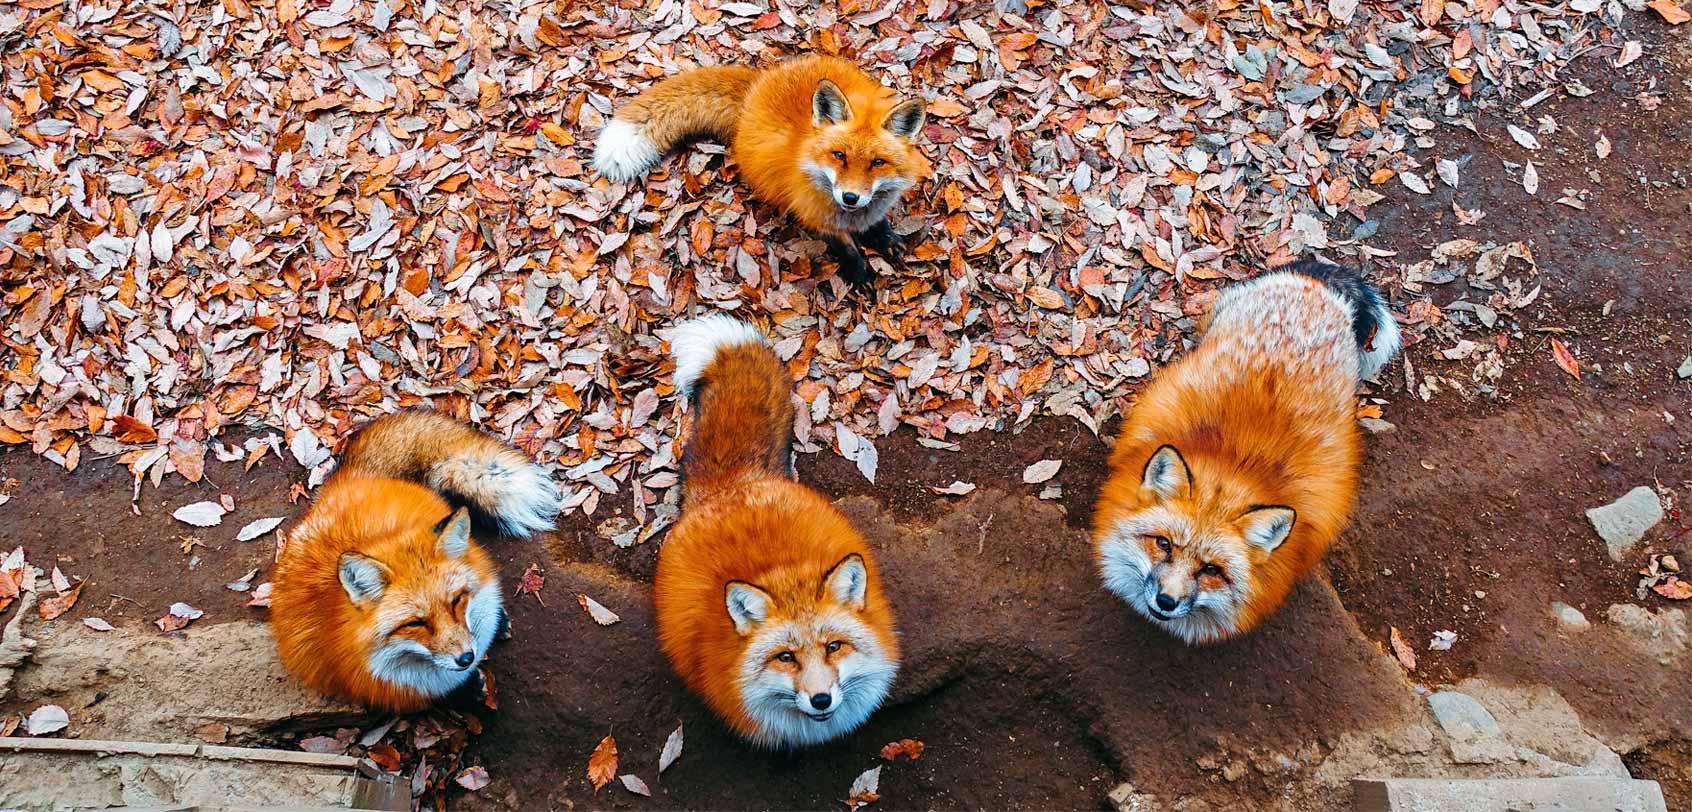 Bildergebnis für fox village japan